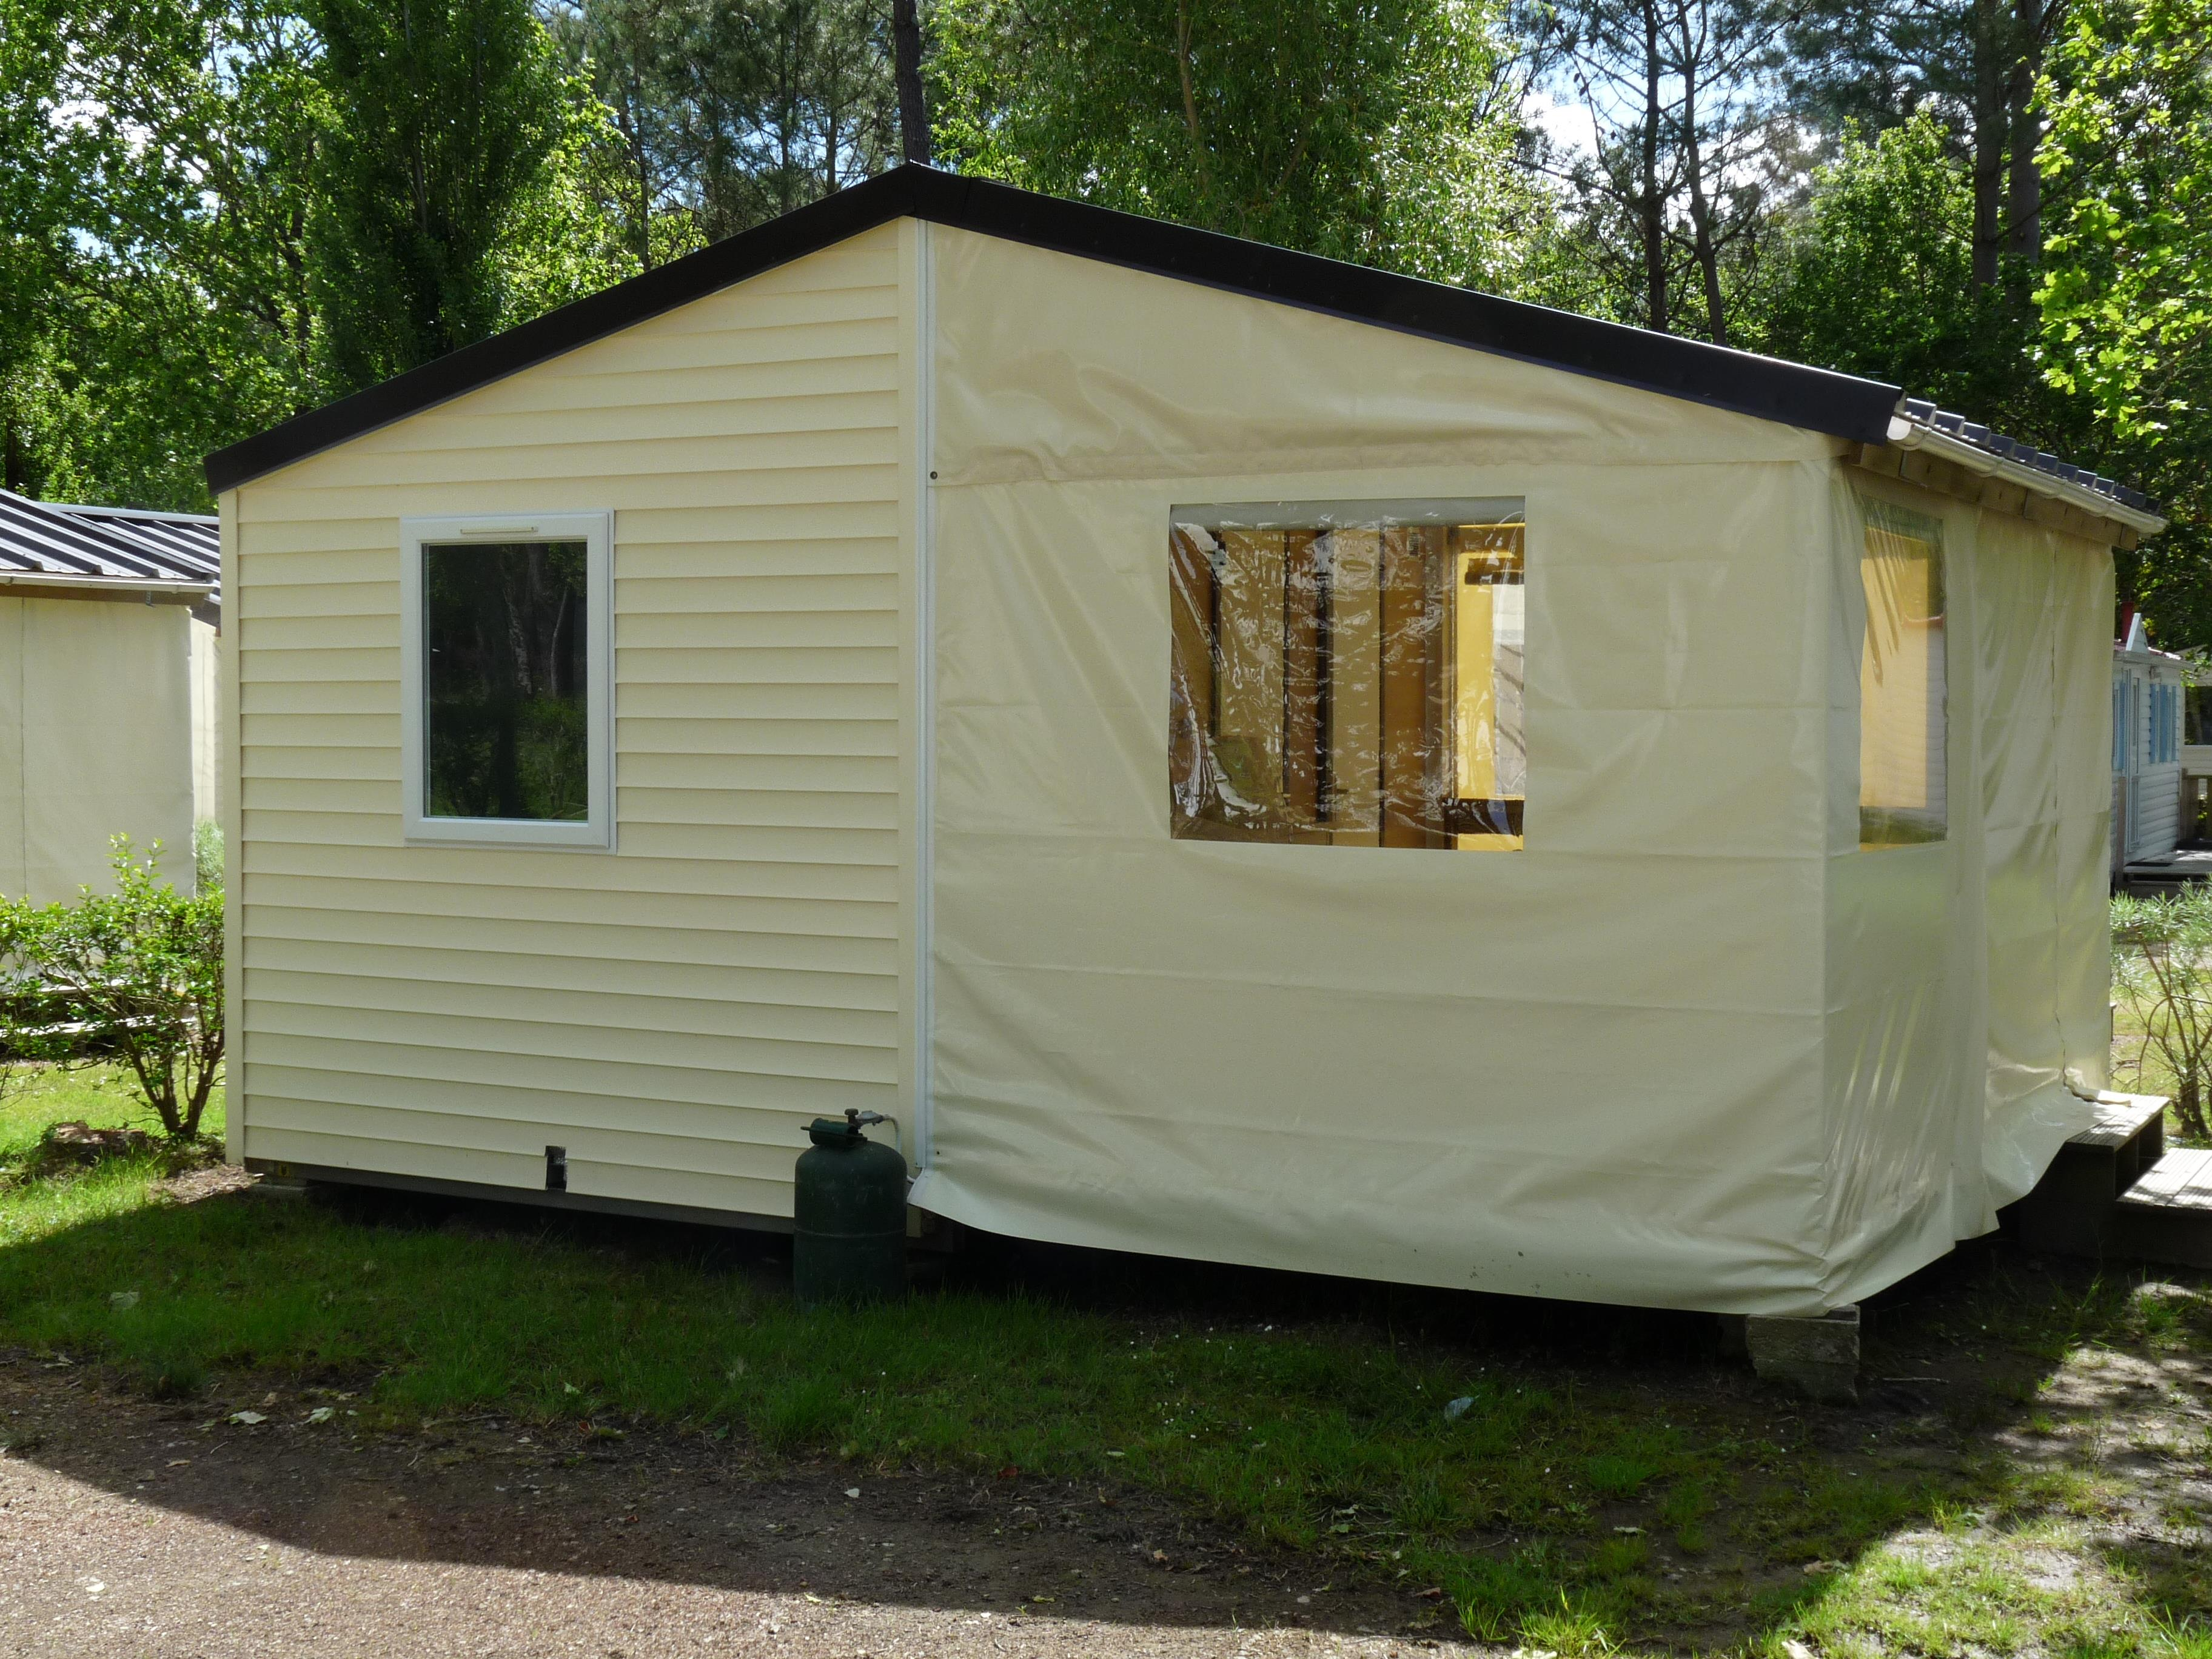 Location - Tit'home 2 Chambres 21M² - Wc, Mais Pas De Douche - Camping Le Saint Laurent